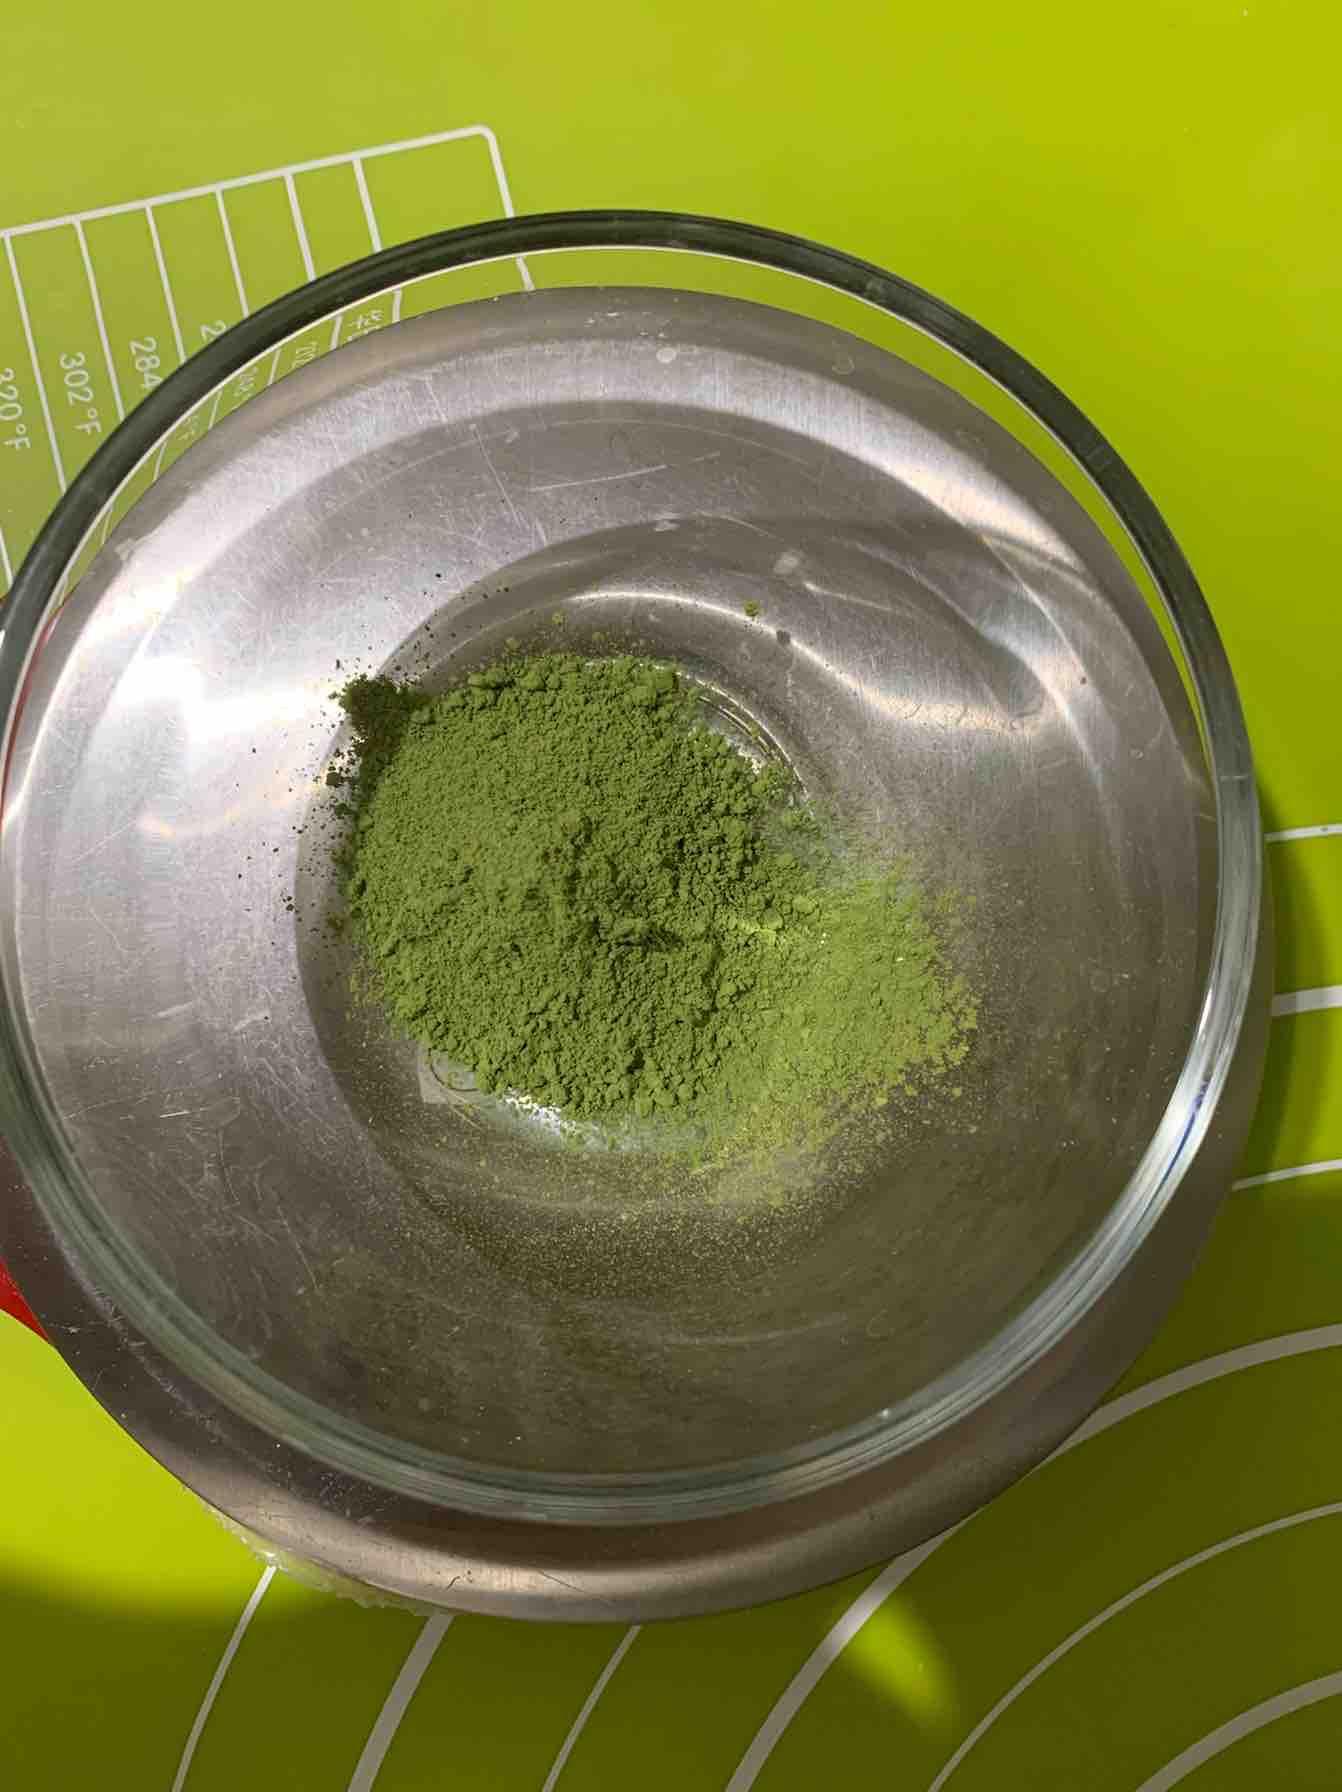 弹性十足,怎么卷都不开裂的抹茶蛋糕卷(无蛋黄消耗蛋白版)的步骤